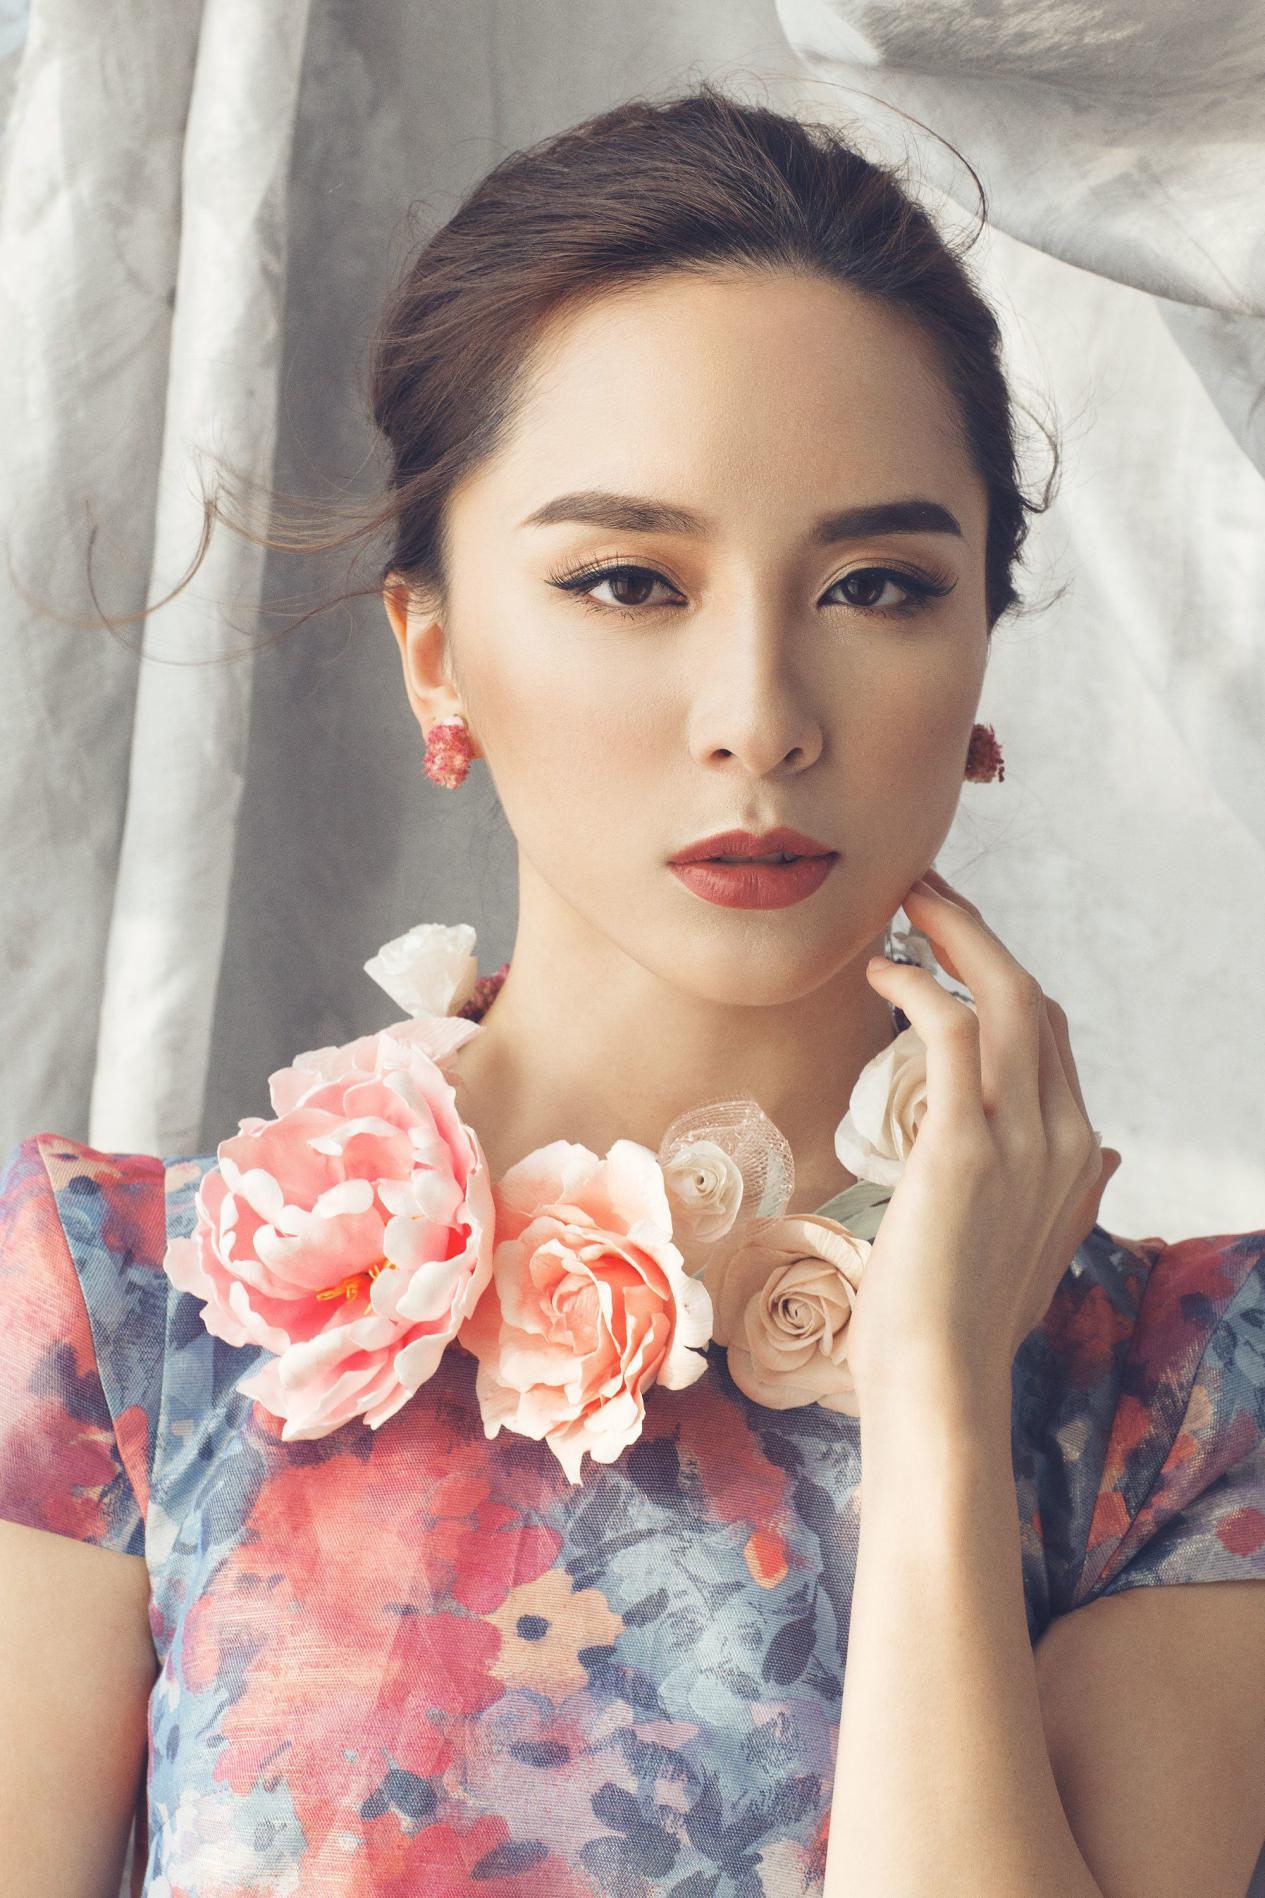 Hoàng Thùy chính thức chinh chiến Miss Universe 2019 - Mâu Thủy khiến fans gào thét, năn nỉ đi thi quốc tế - Ảnh 3